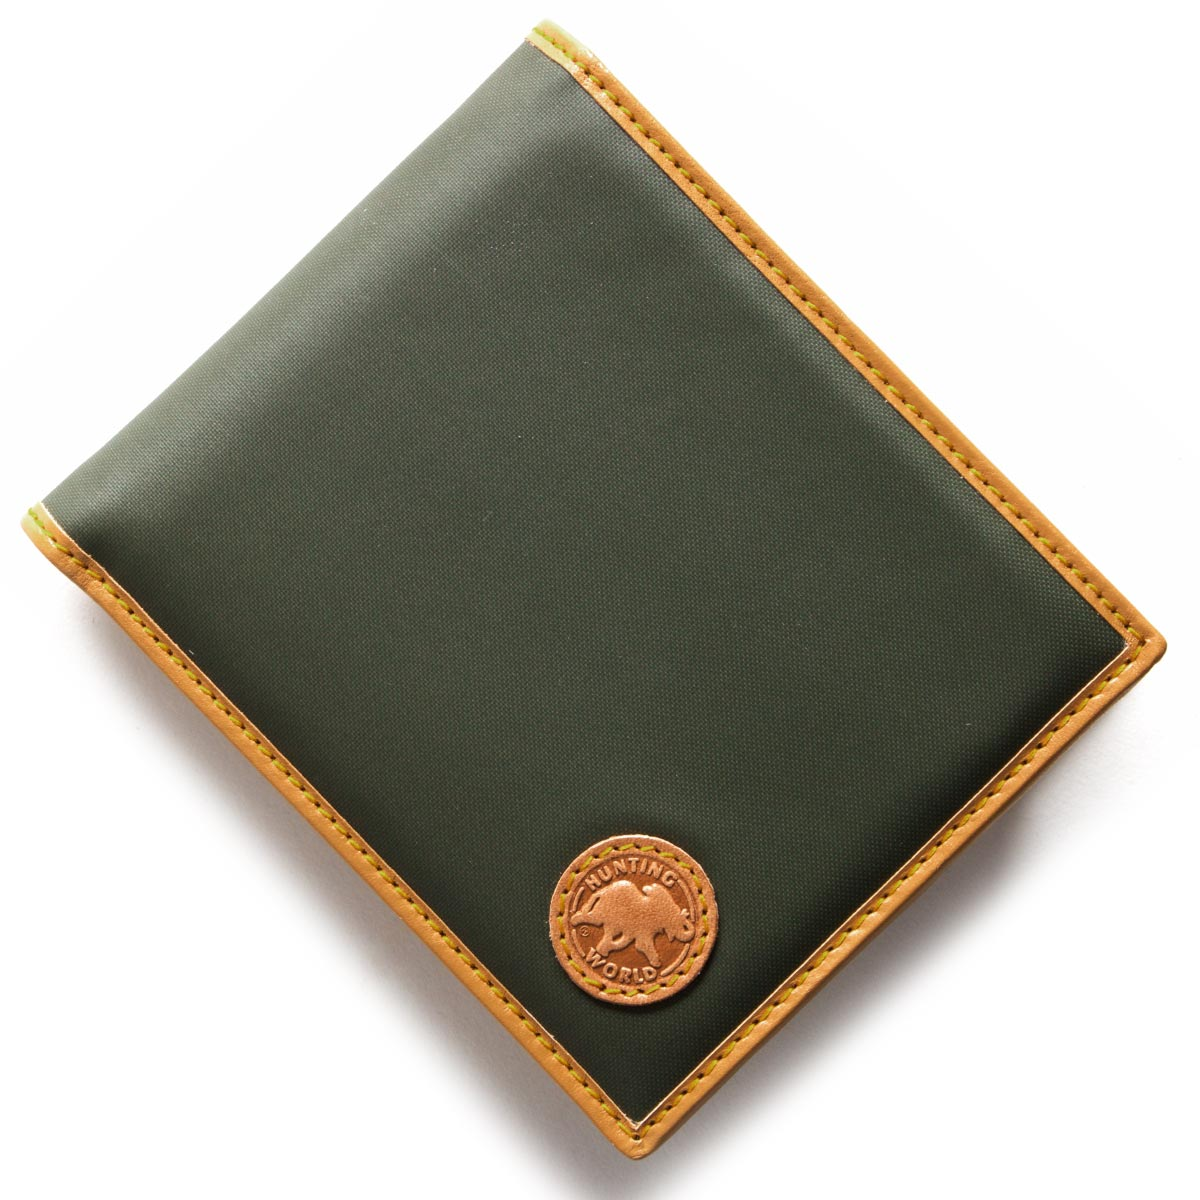 ハンティングワールド HUNTING WORLD 二つ折財布 バチュー オリジン BATTUE ORIGIN グリーン&ヴィンテージナチュラル 310 10A メンズ